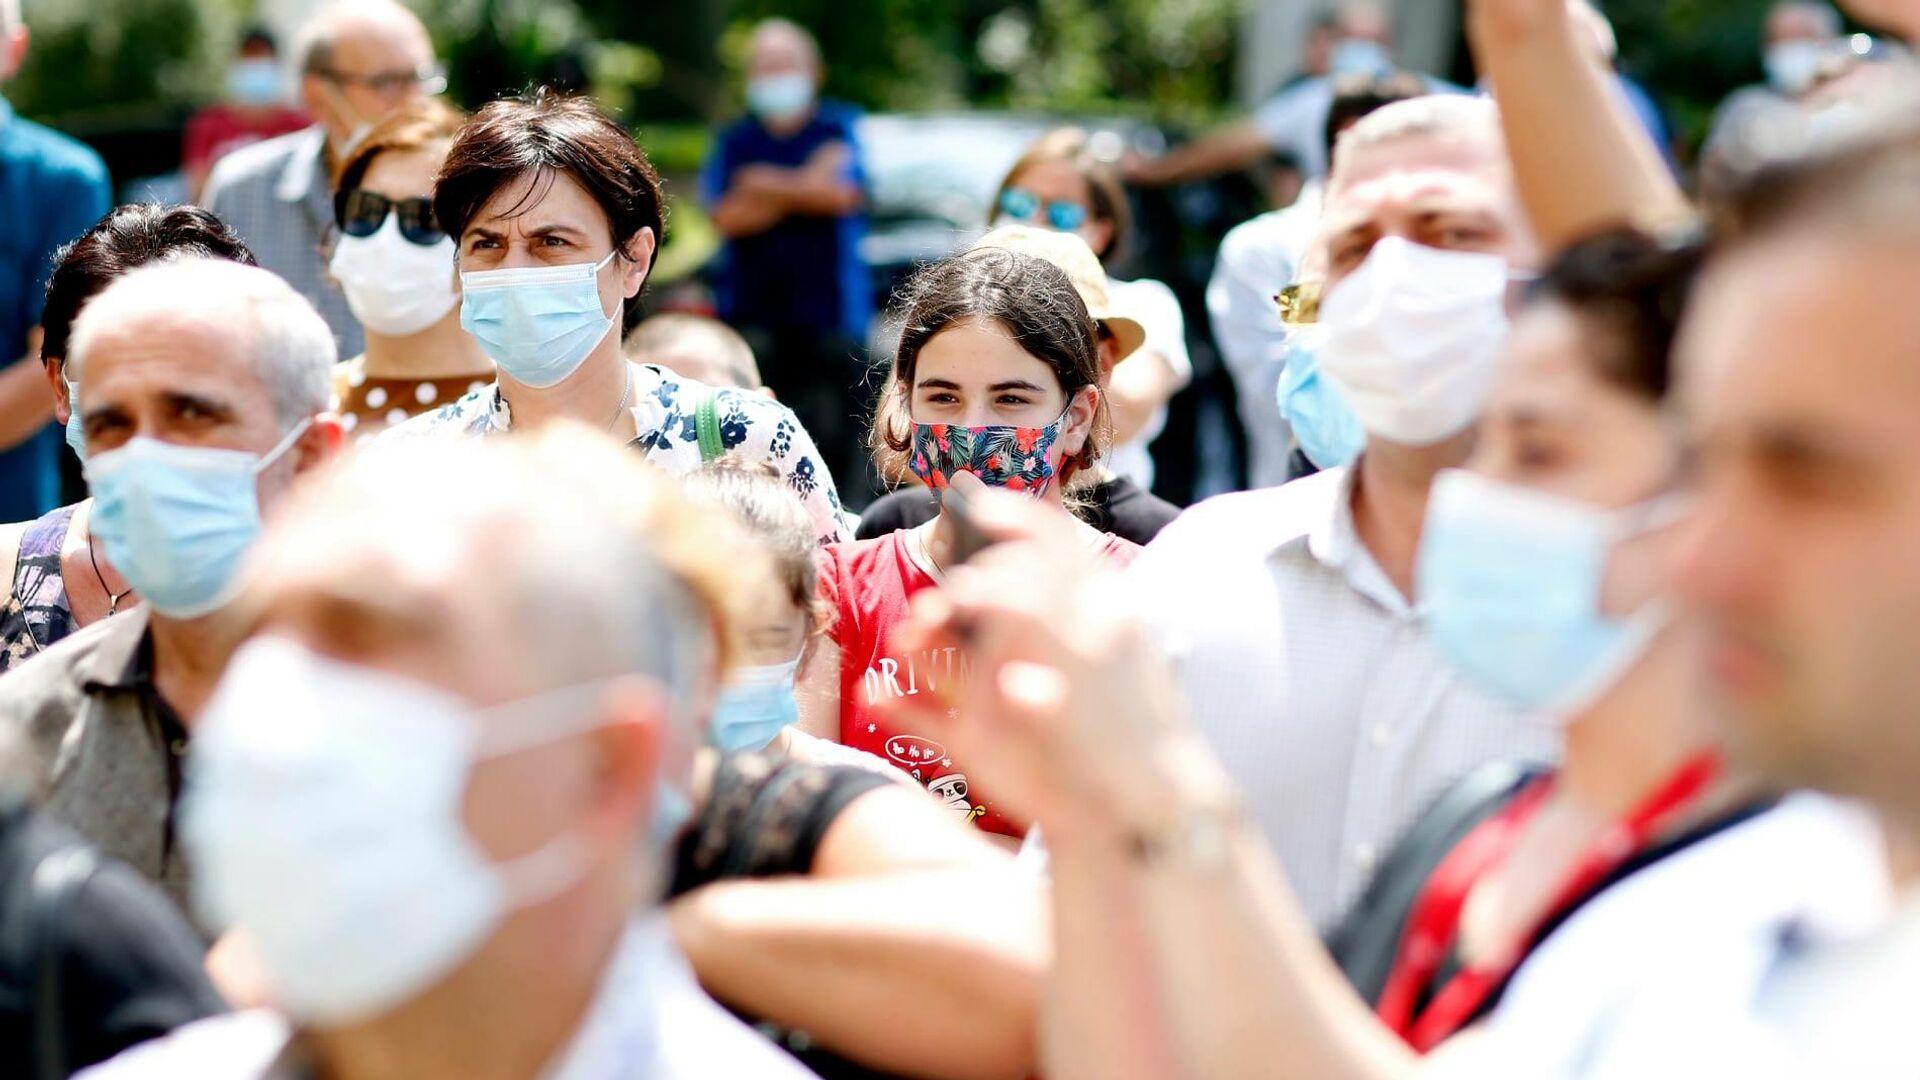 Эпидемия коронавируса - избиратели на предвыборной встрече в масках - Sputnik Грузия, 1920, 06.09.2021